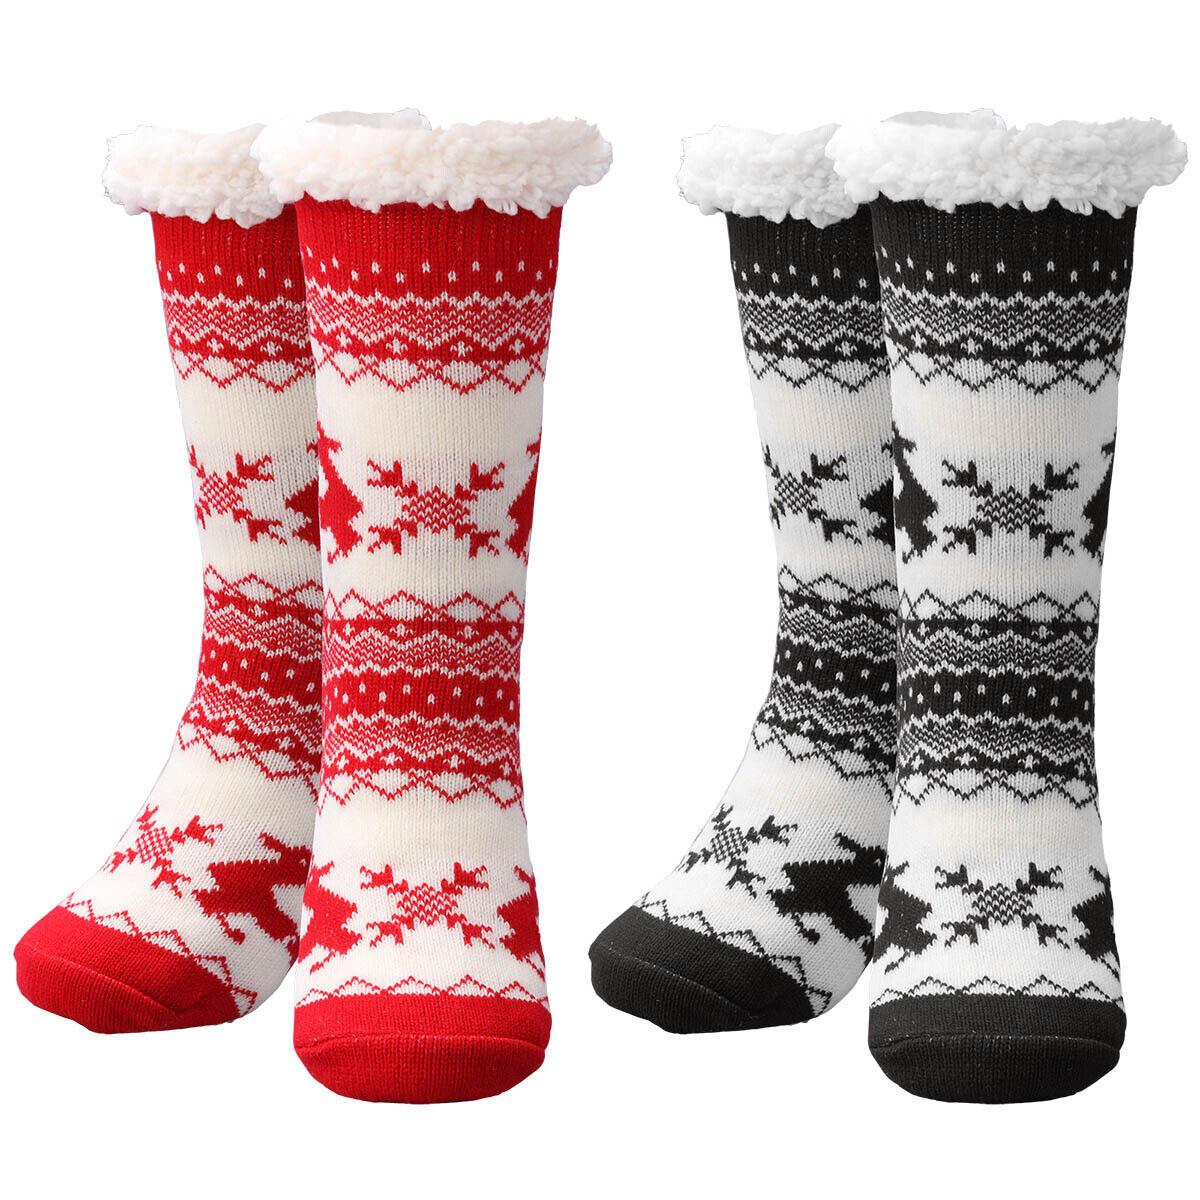 Plush Slipper Socks For Men & Women - Fuzzy Socks Cozy Soft